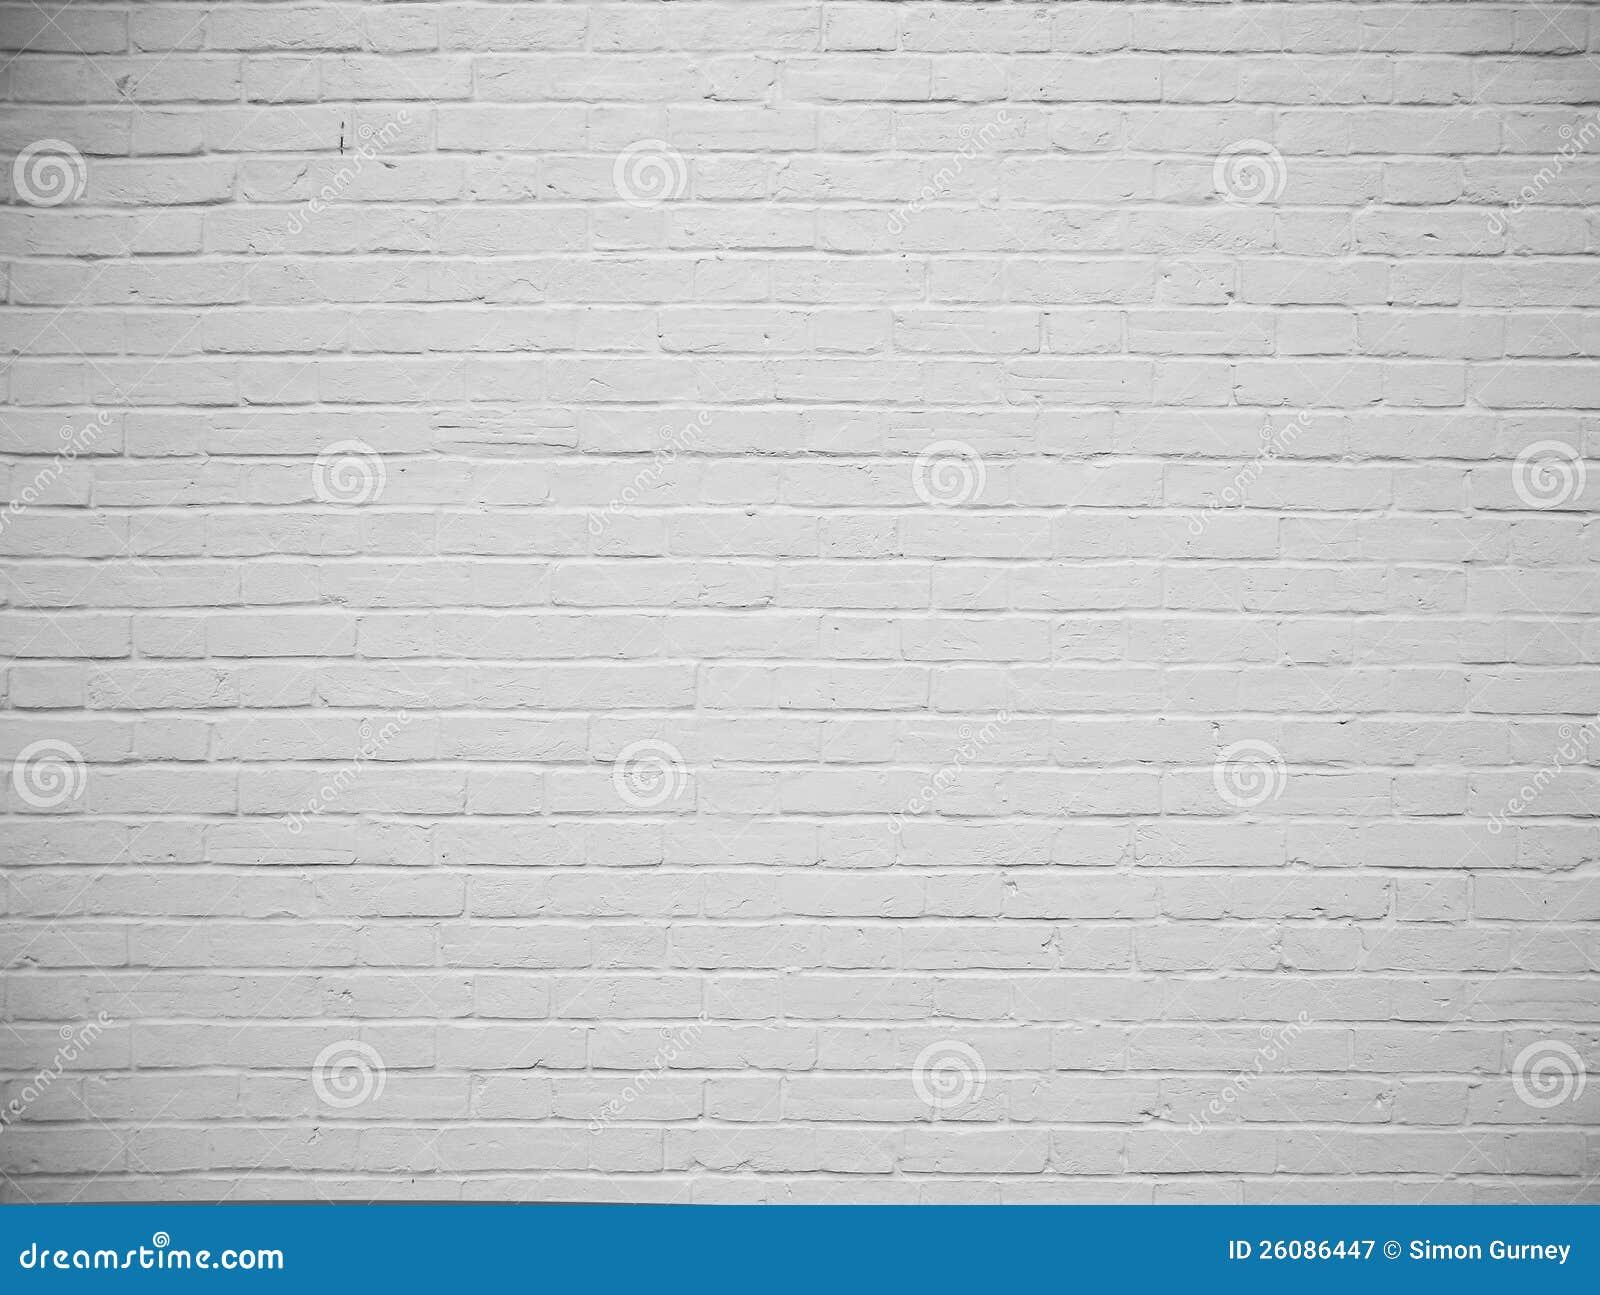 Κενή άσπρη χρωματισμένη ανασκόπηση τουβλότοιχος